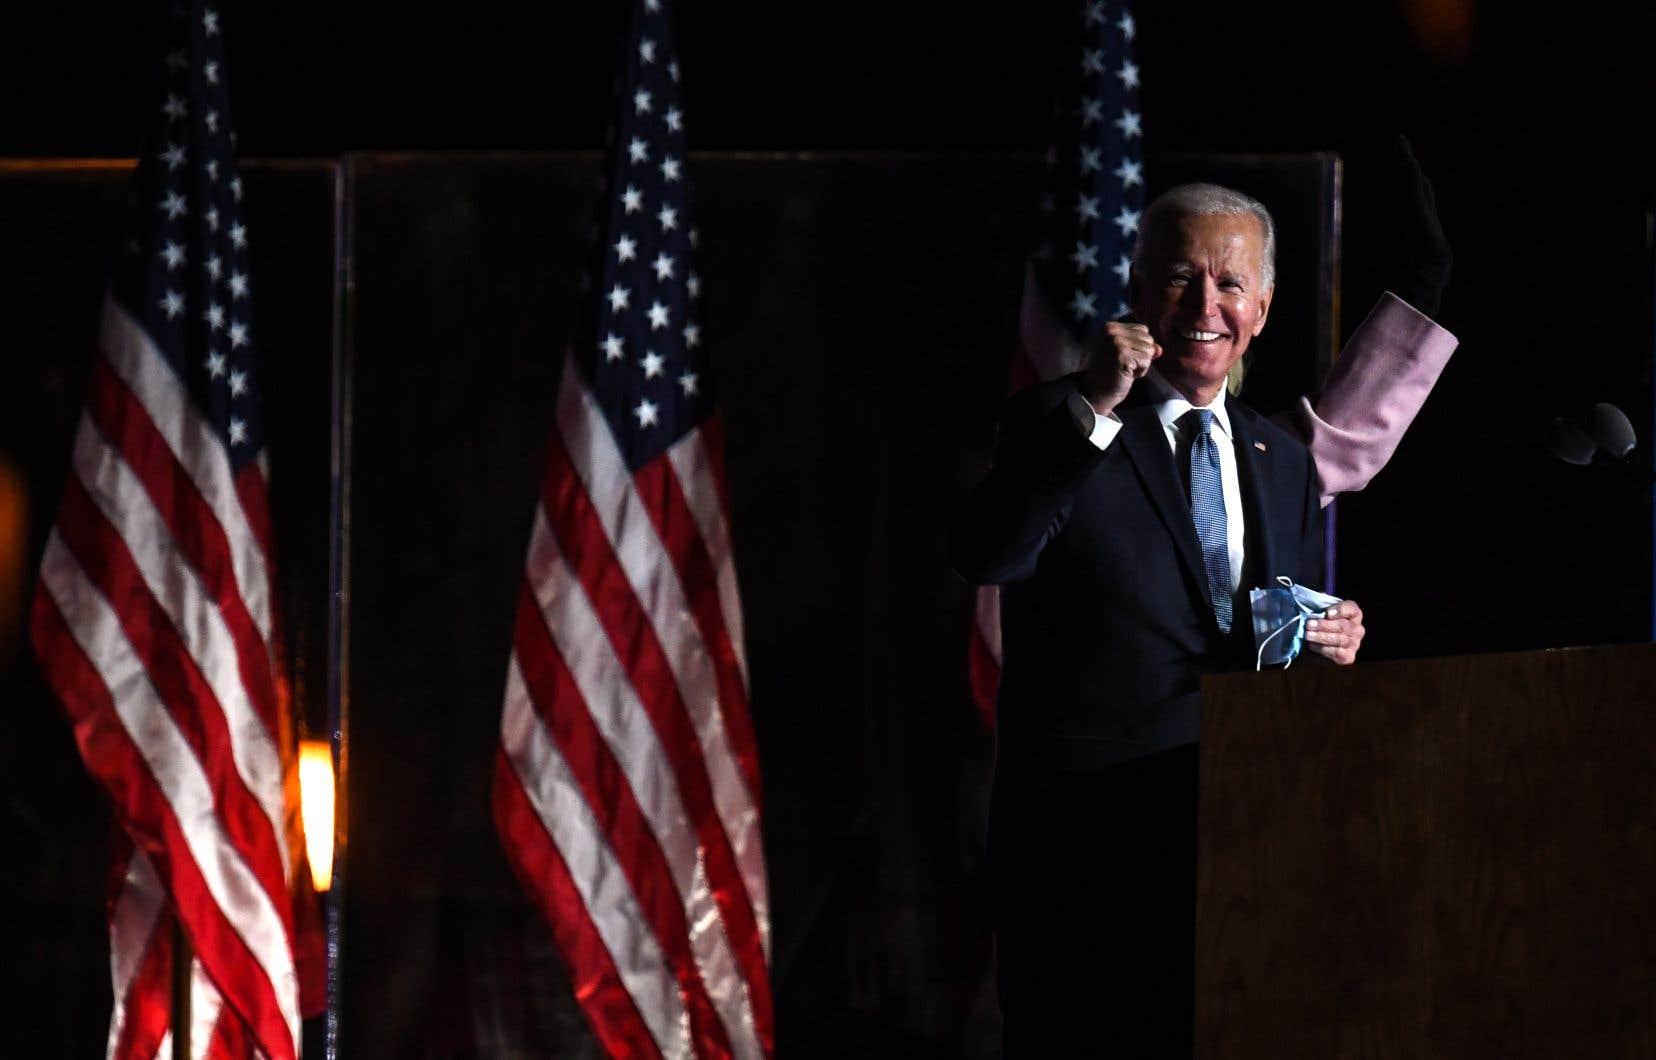 Joe Biden a pris la parole dans la nuit de mardi à mercredi pour appeler ses partisans à la patience, mais également exprimer son optimisme.